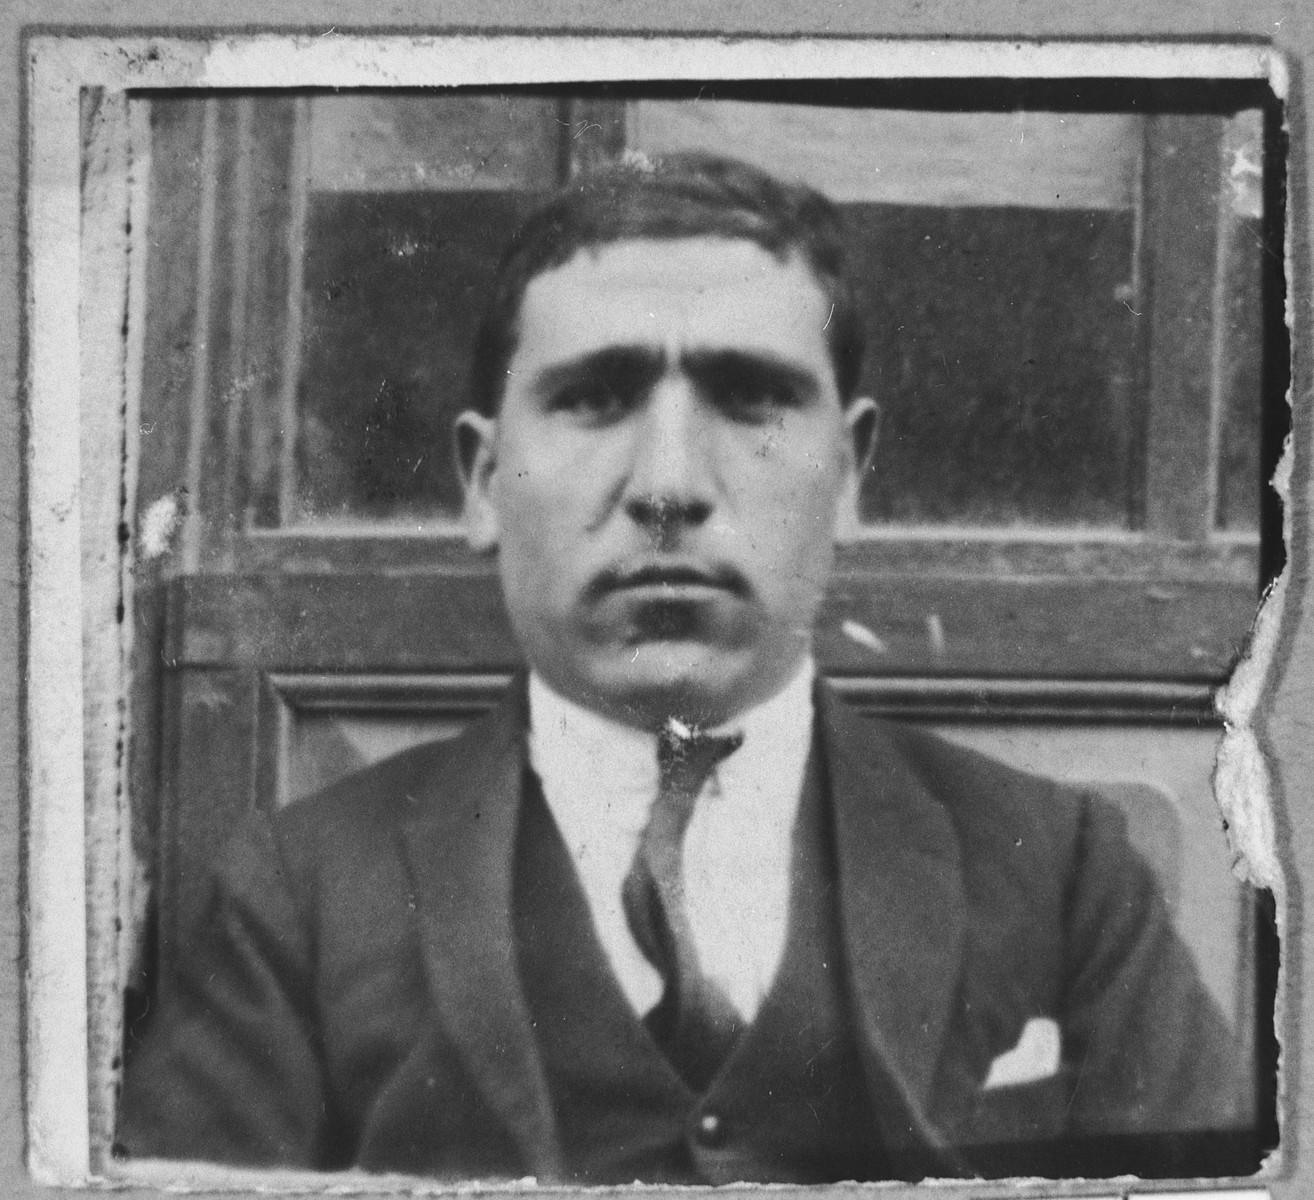 Portrait of Avram Aleshandra.  He lived at Belika Avliya 3 in Bitola.